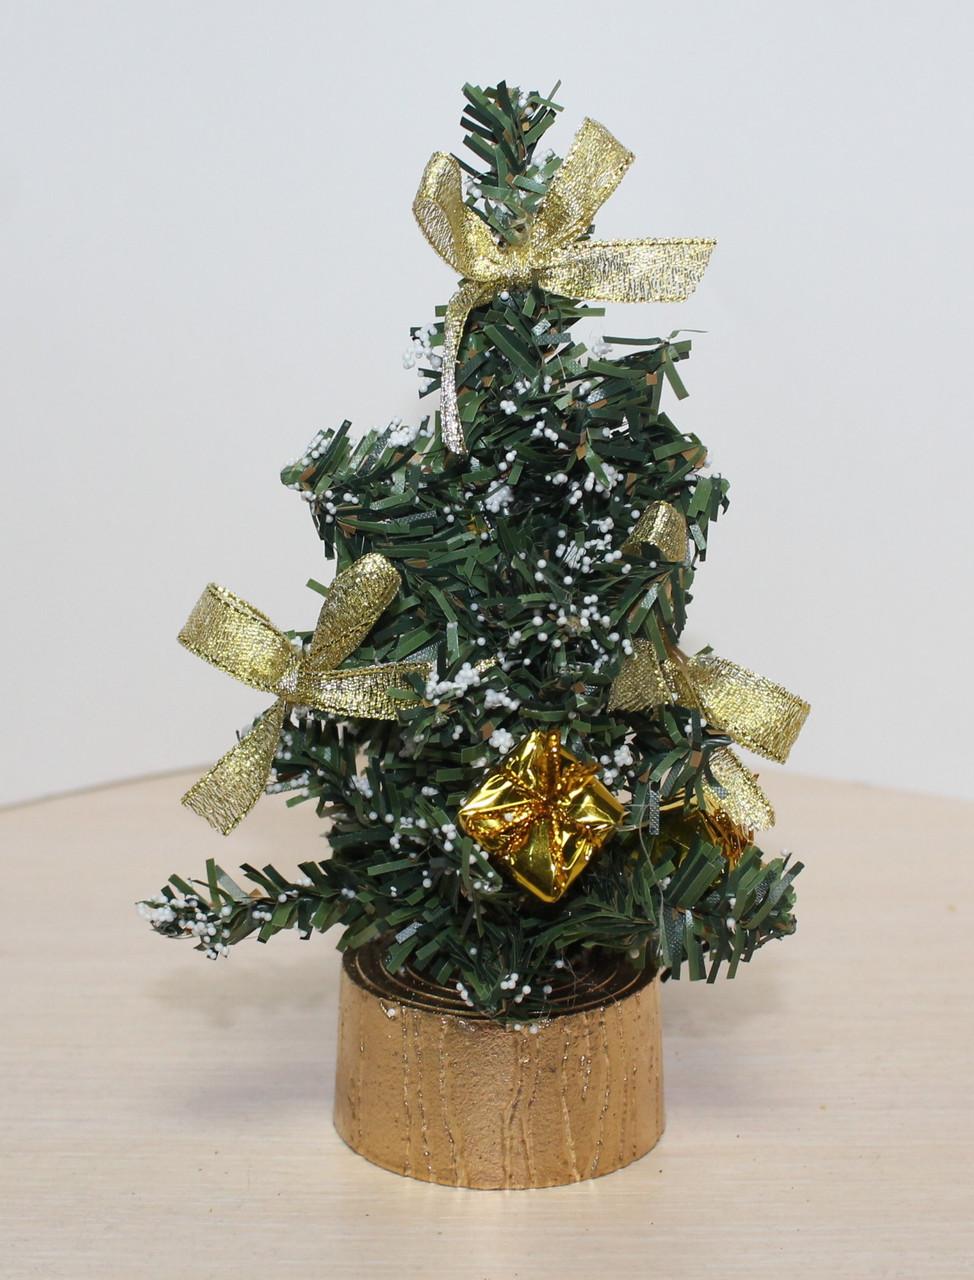 Новогодняя искусственная елочка, высотой 17 см. Золотистые украшения. В НАЛИЧИИ 1 ШТ